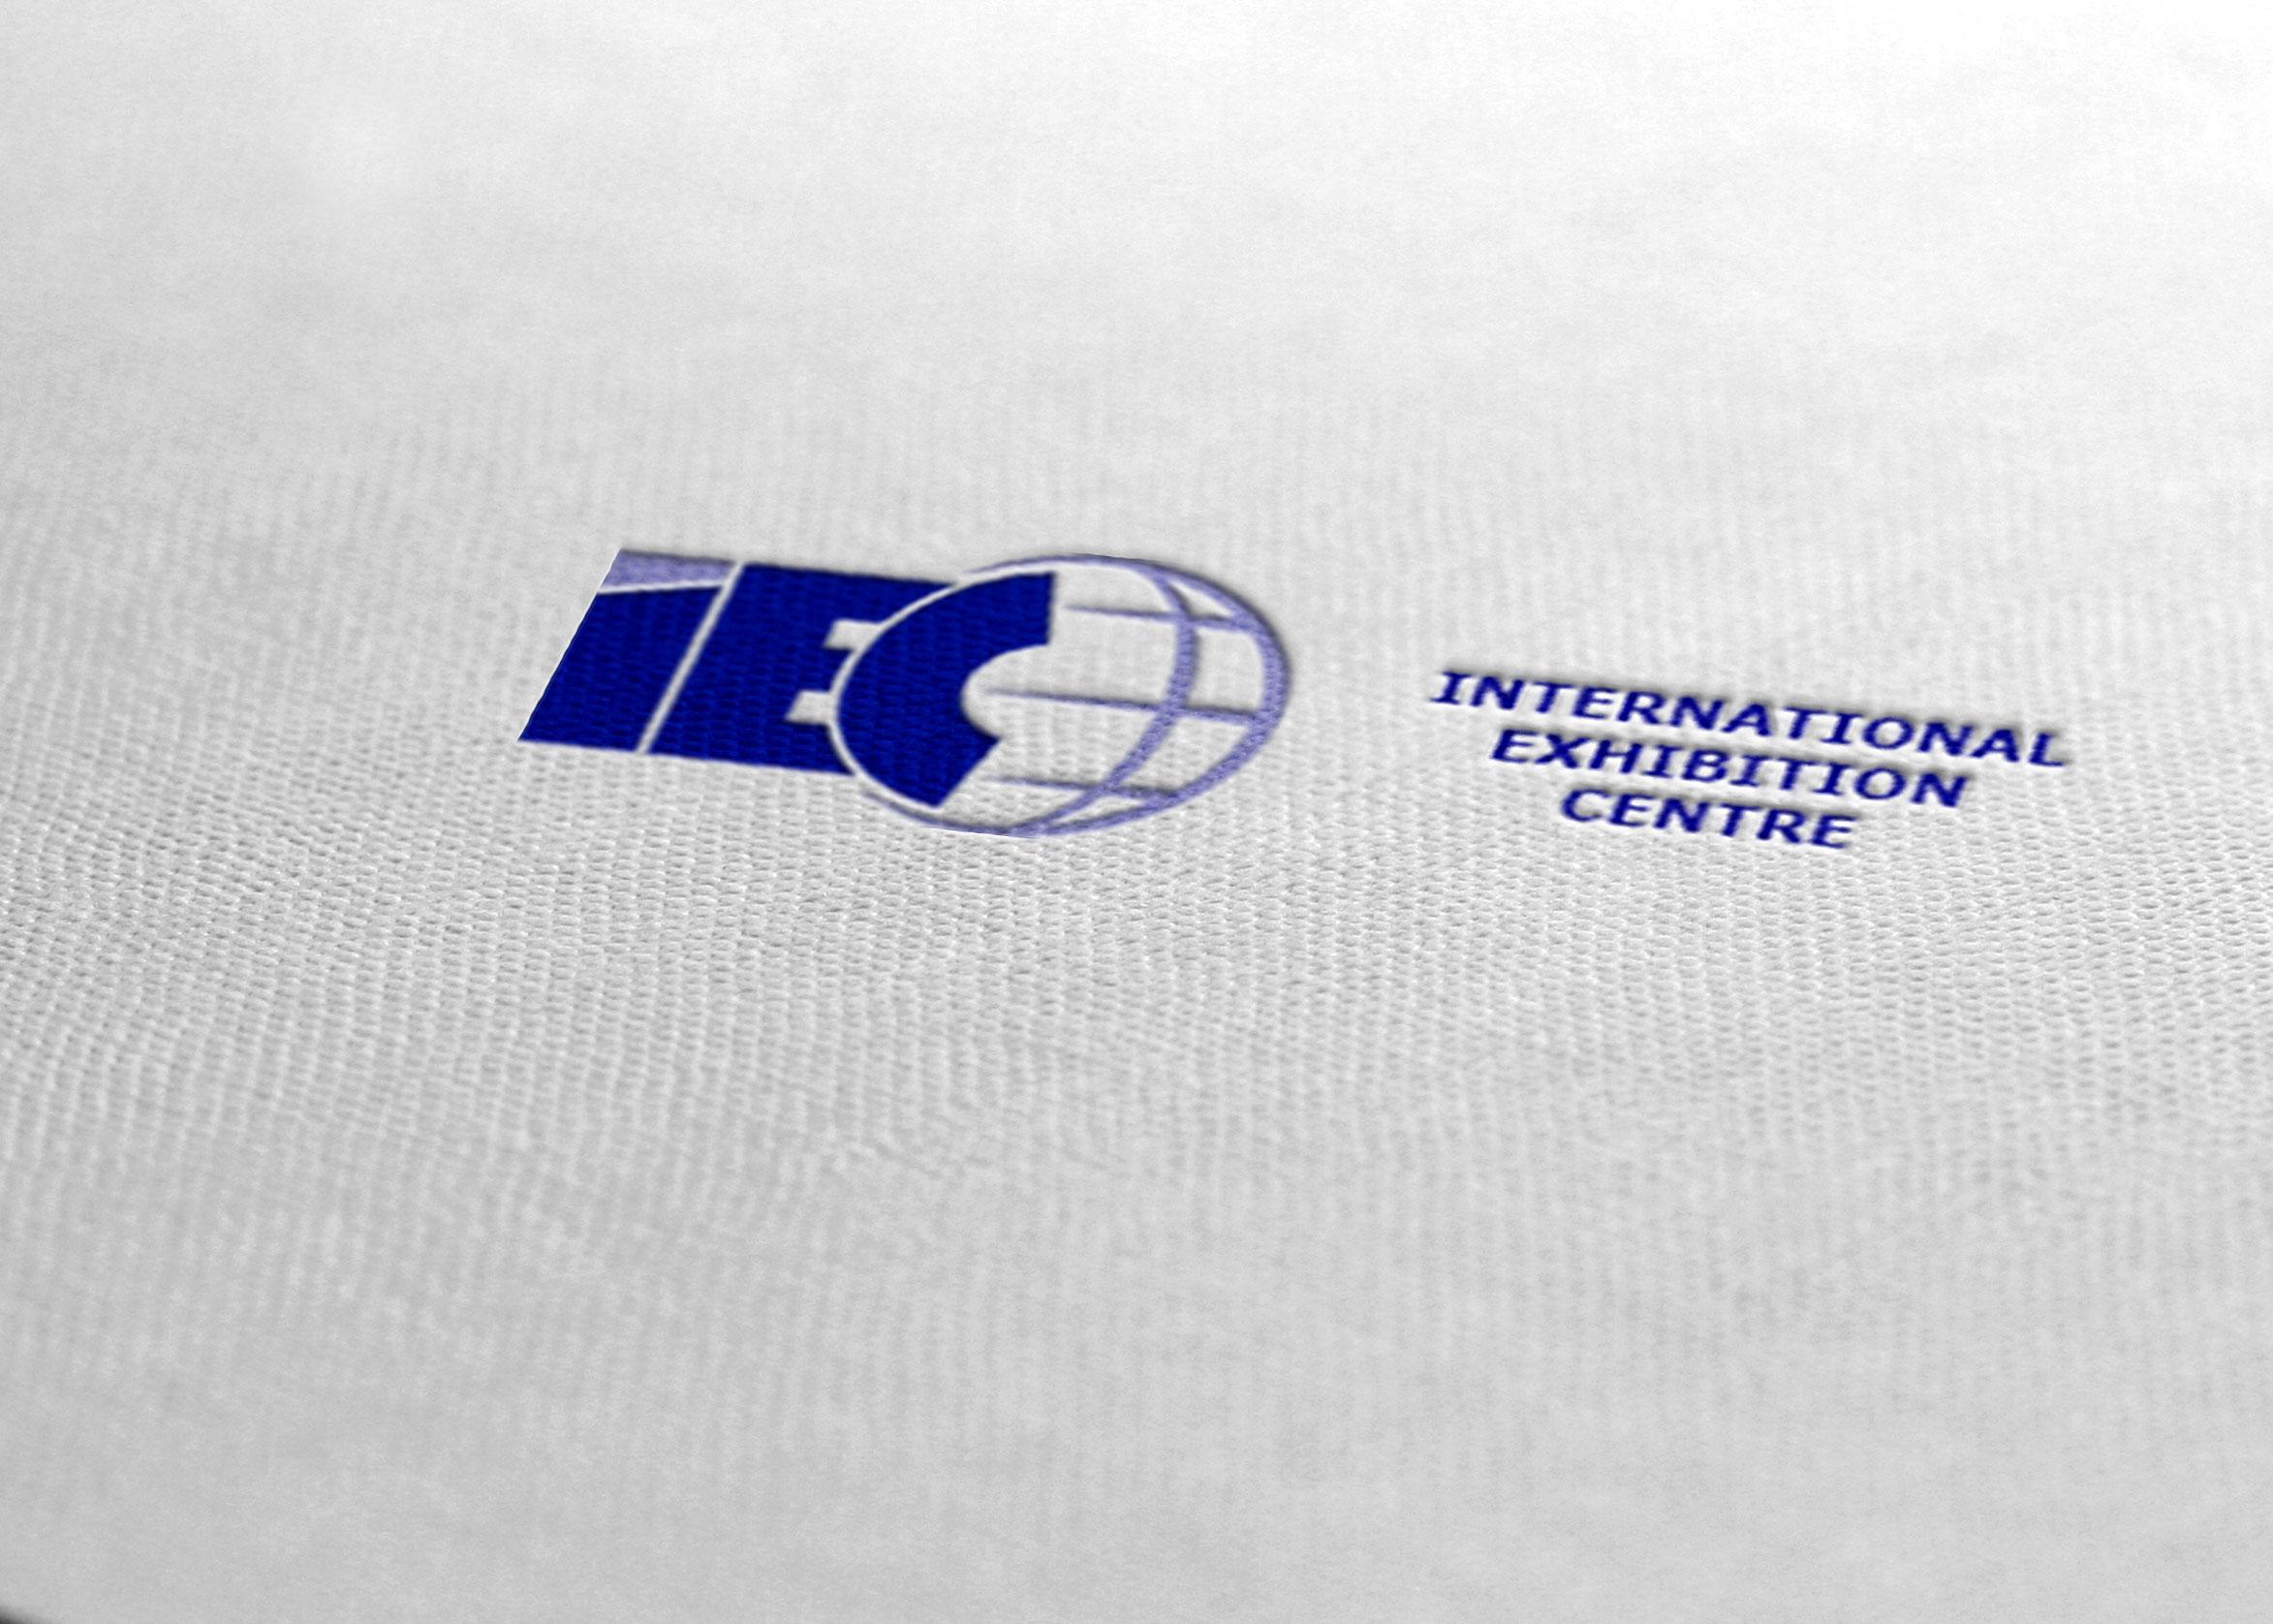 Торговая марка Украины International Exhibition centre торговый дом